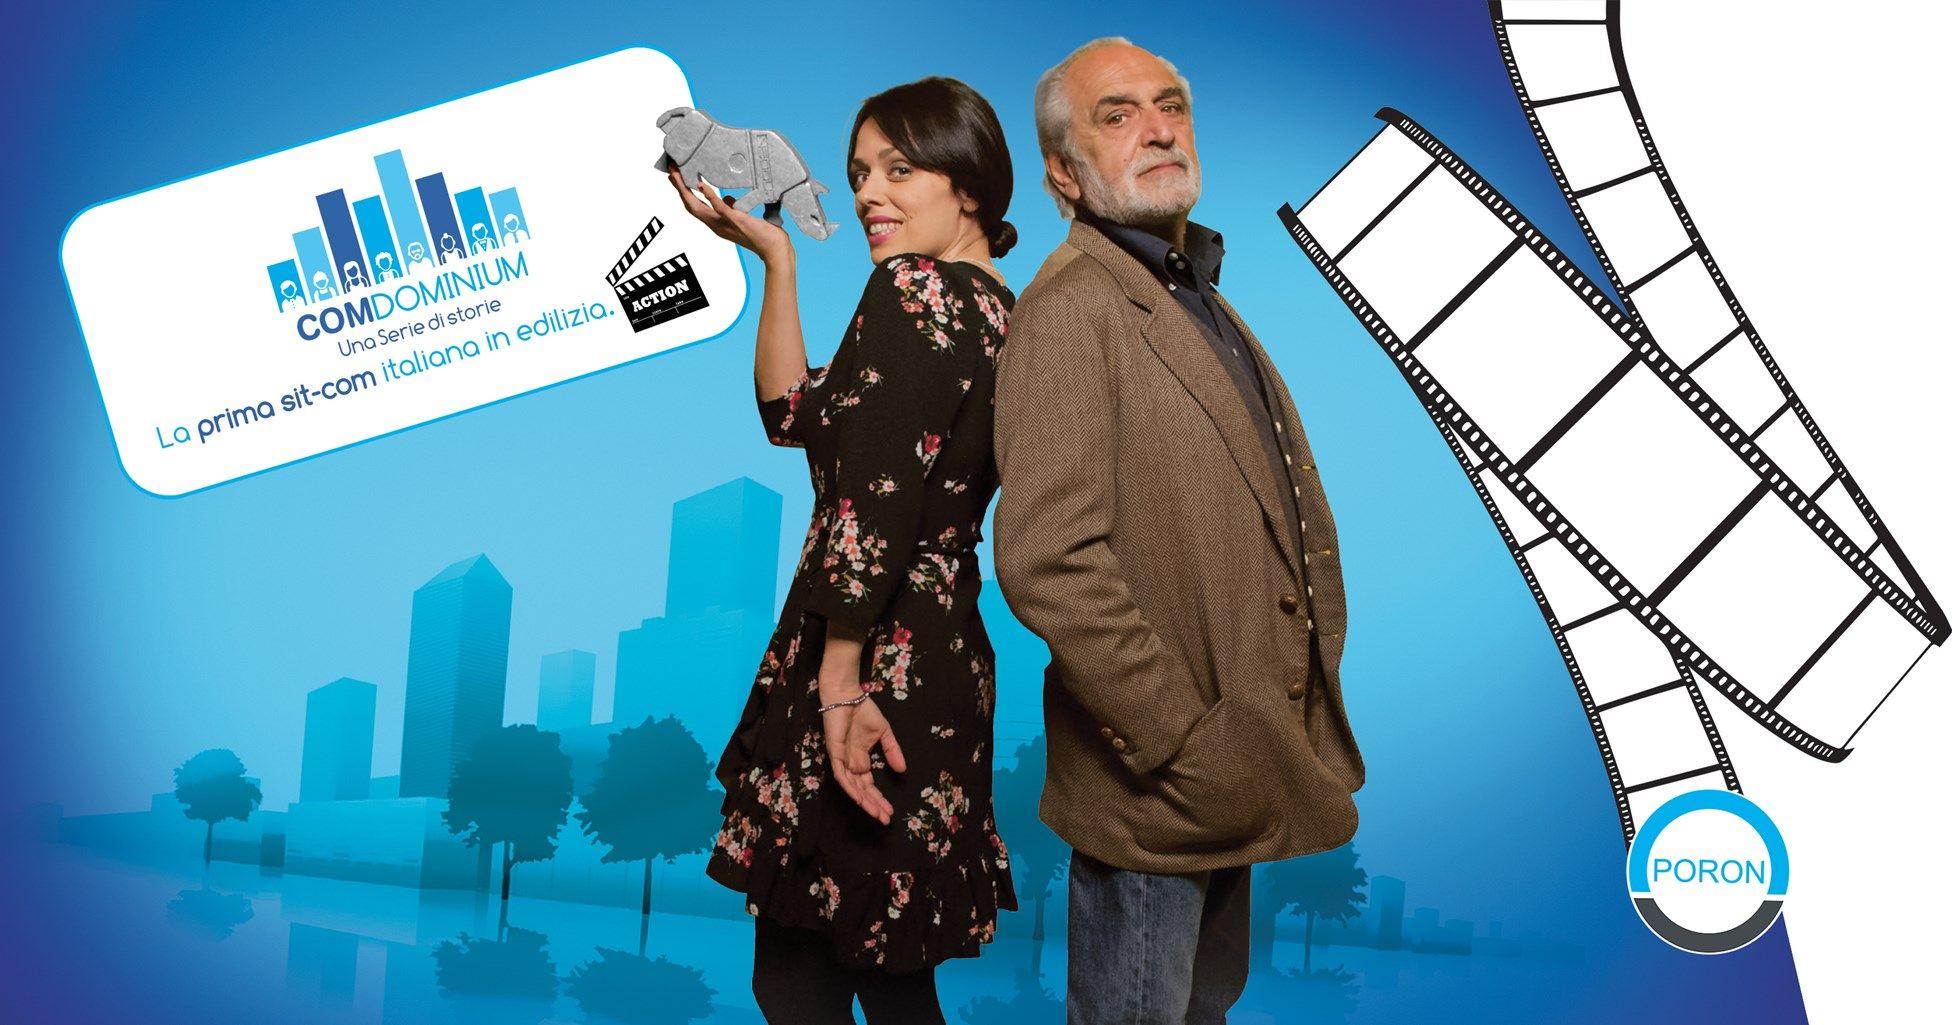 Gruppo Poron è protagonista della sit-com ComDominium con l'episodio dedicato al cappotto